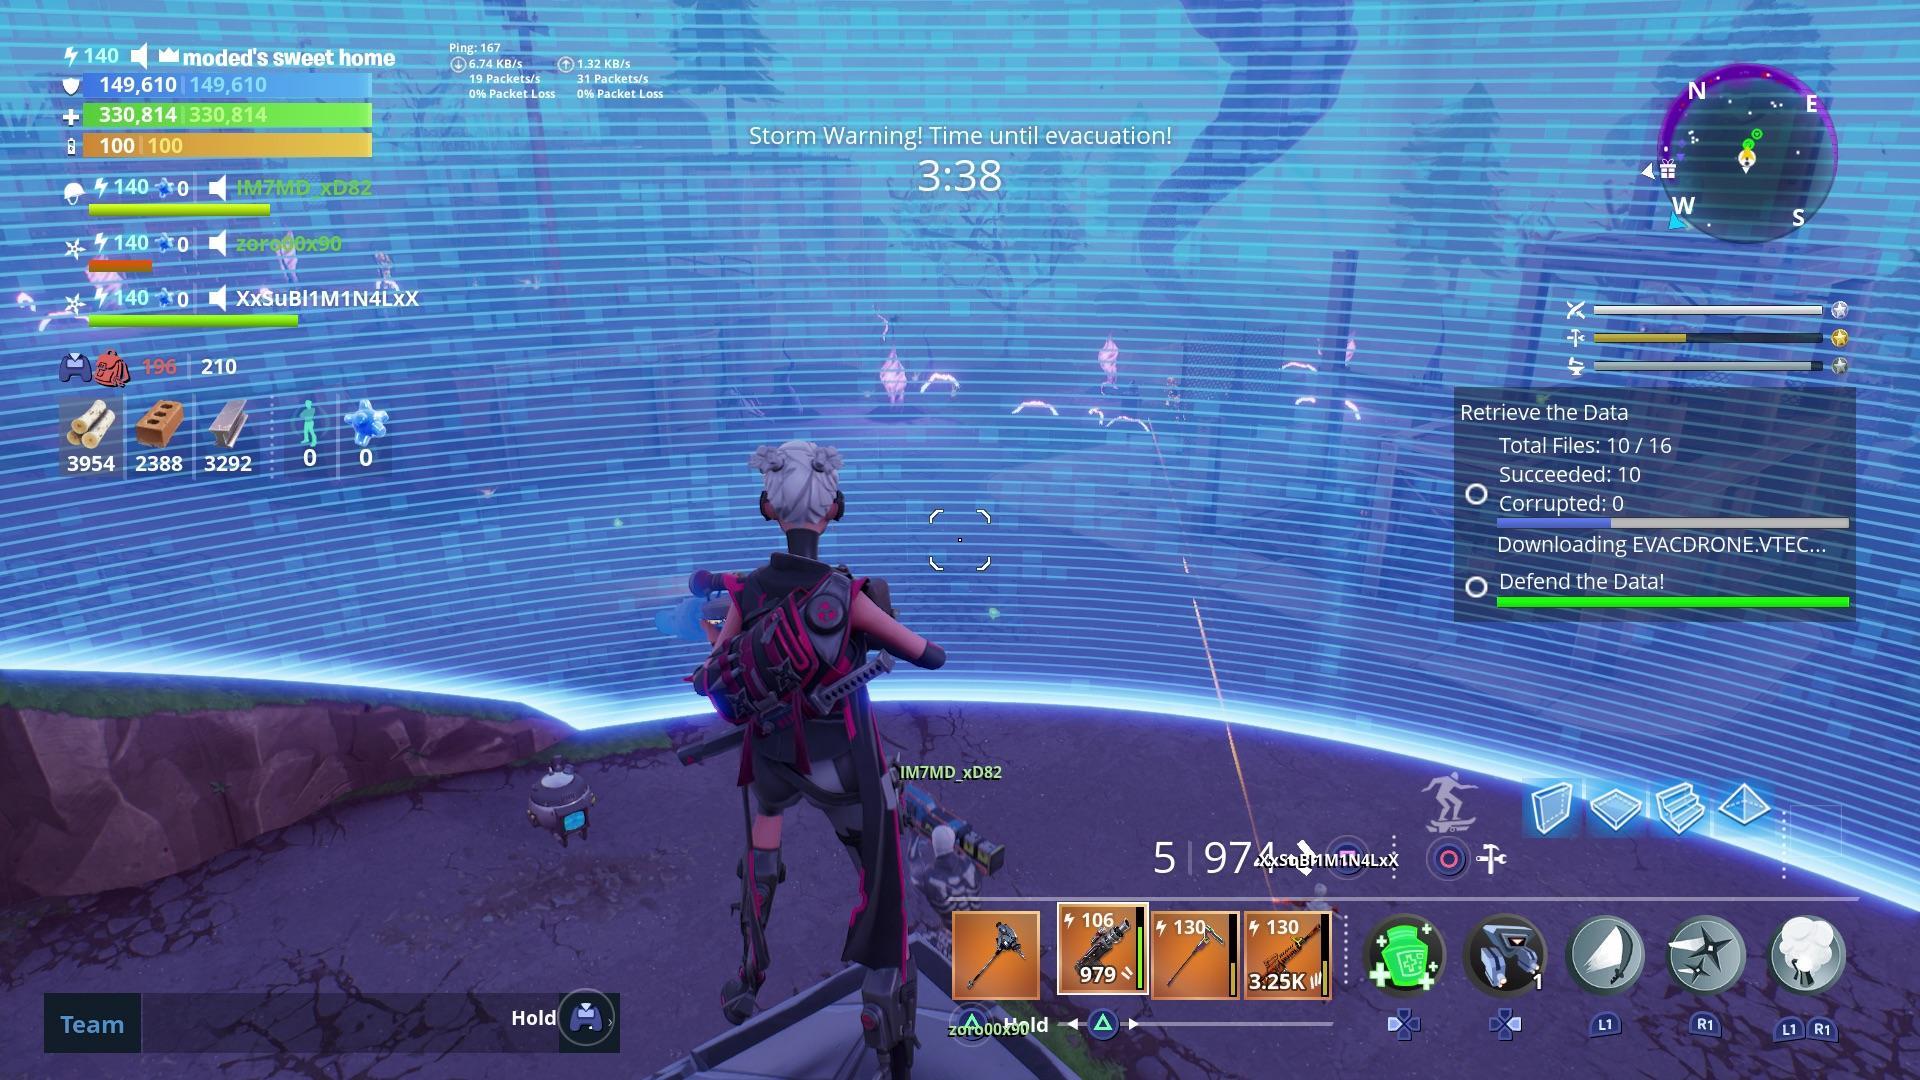 چگونه در بازی Fortnite تبدیل به بازیکن بهتری شویم